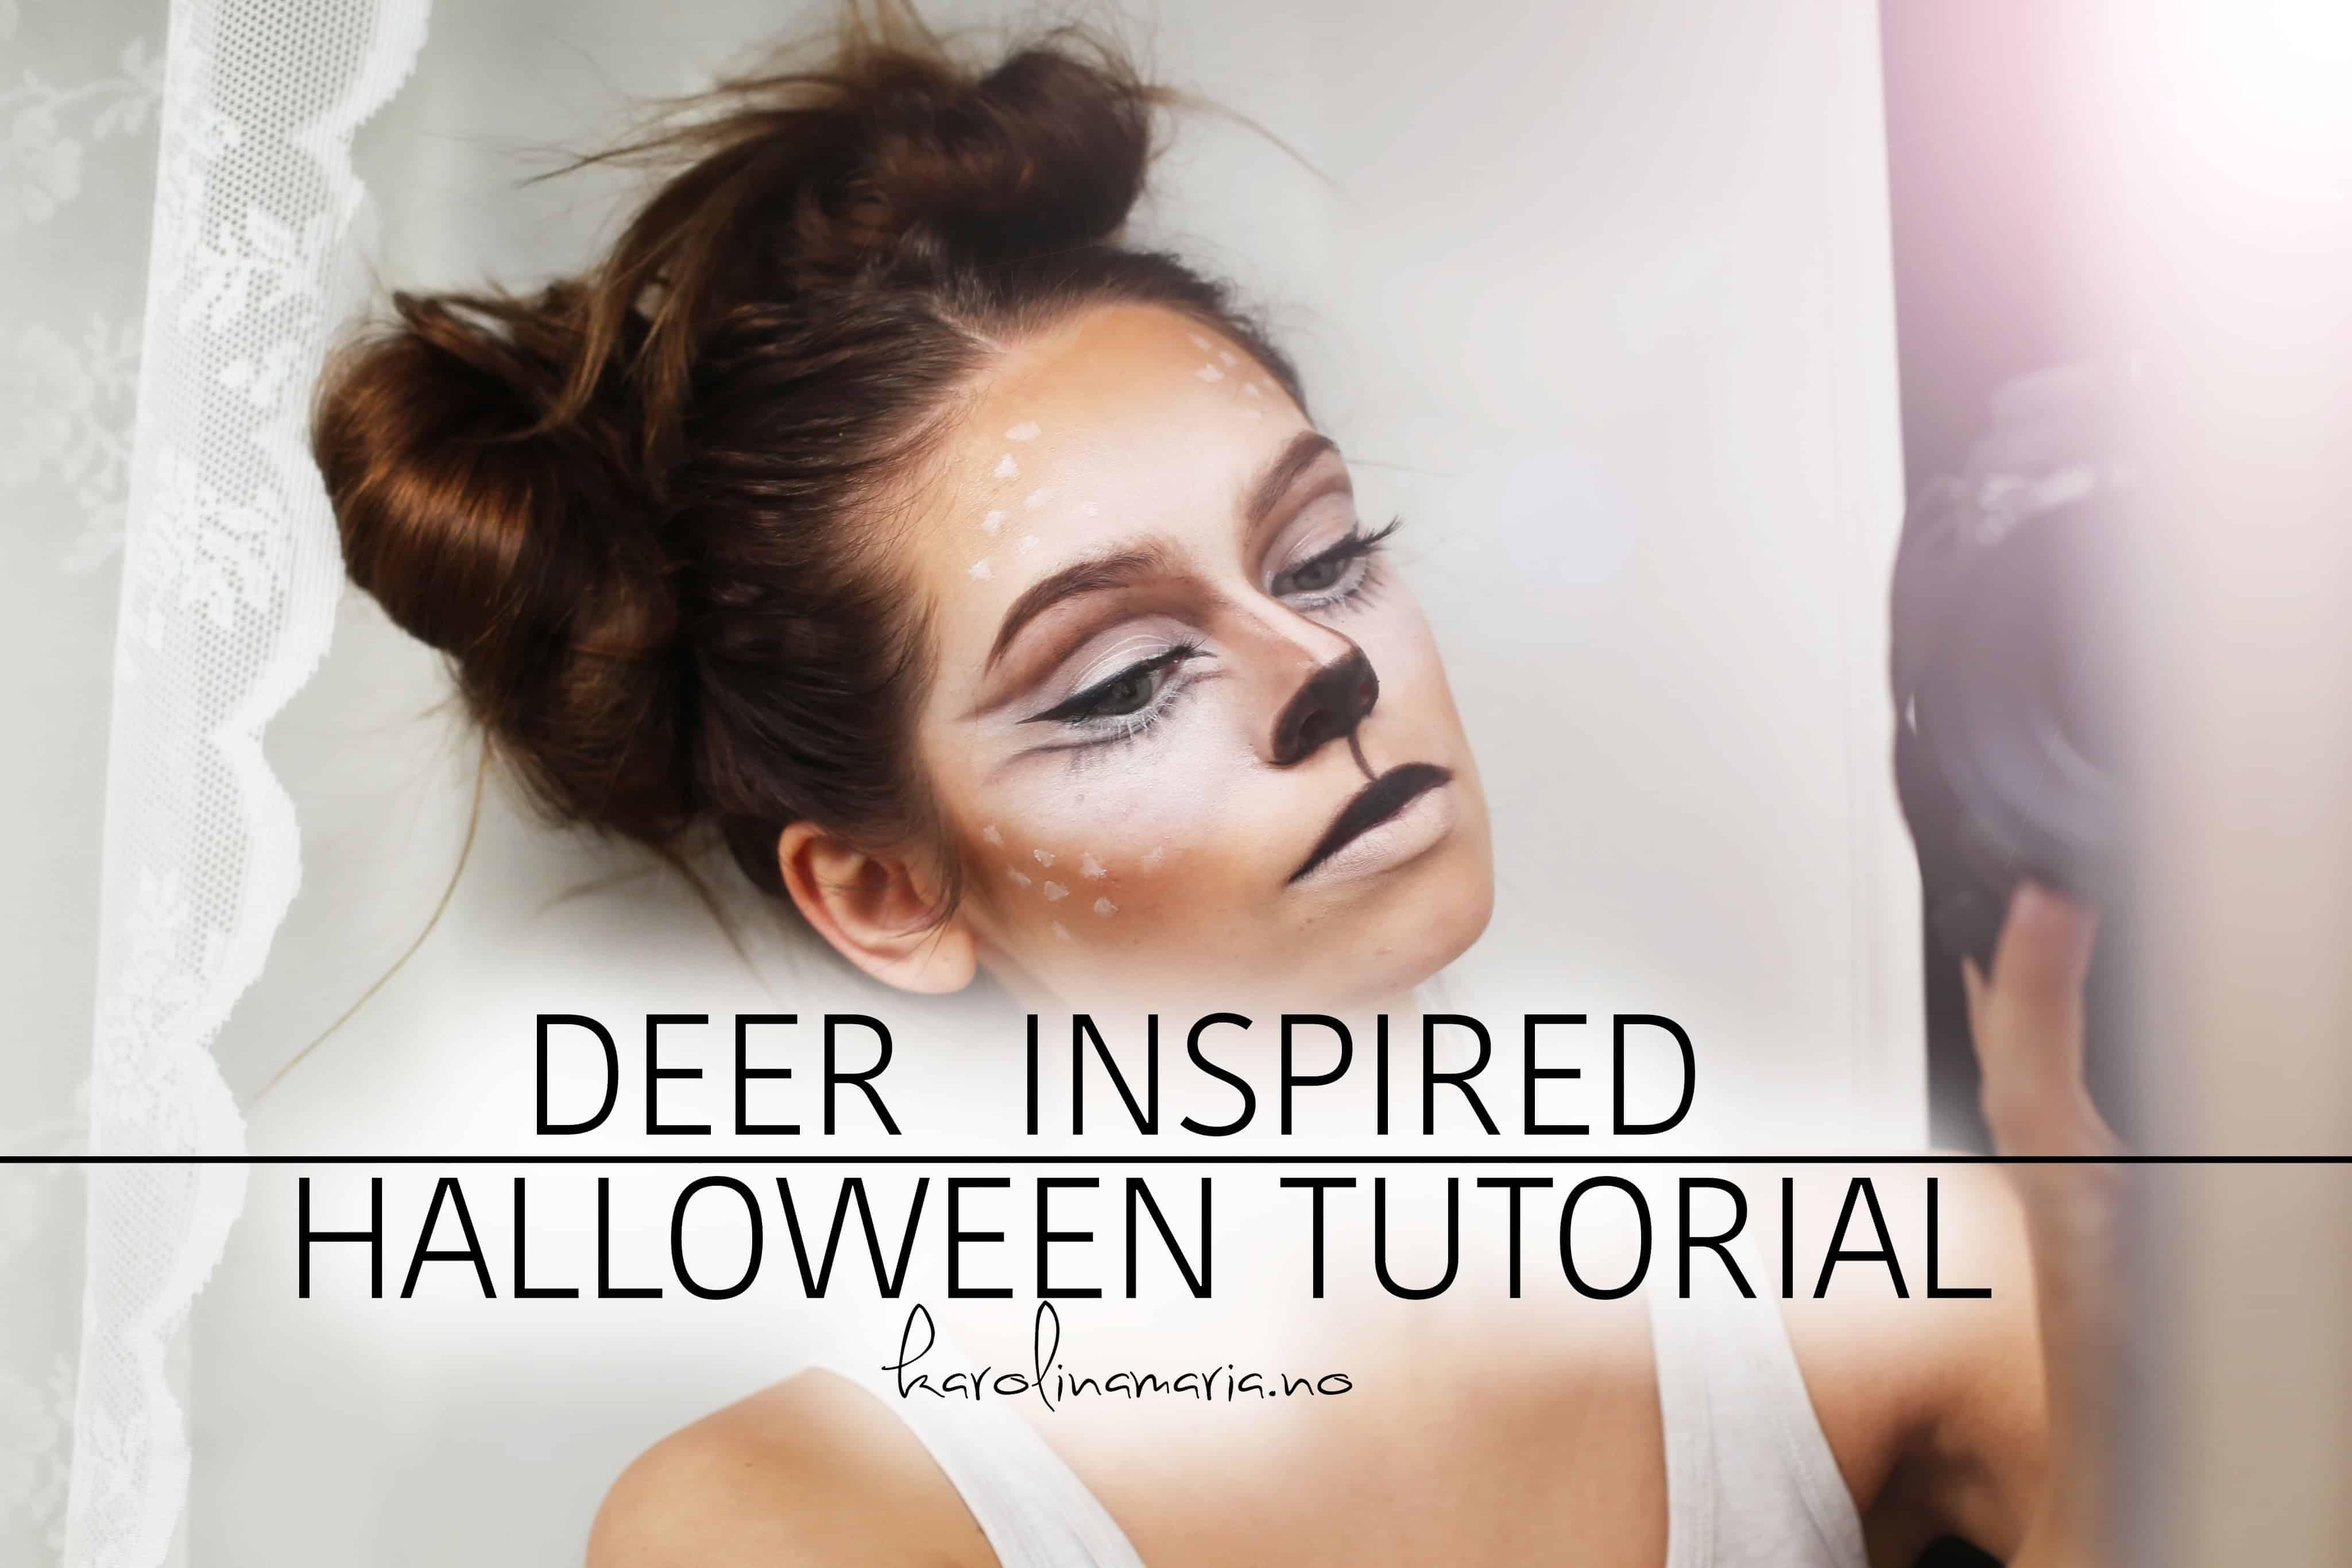 Deer inspired makeup